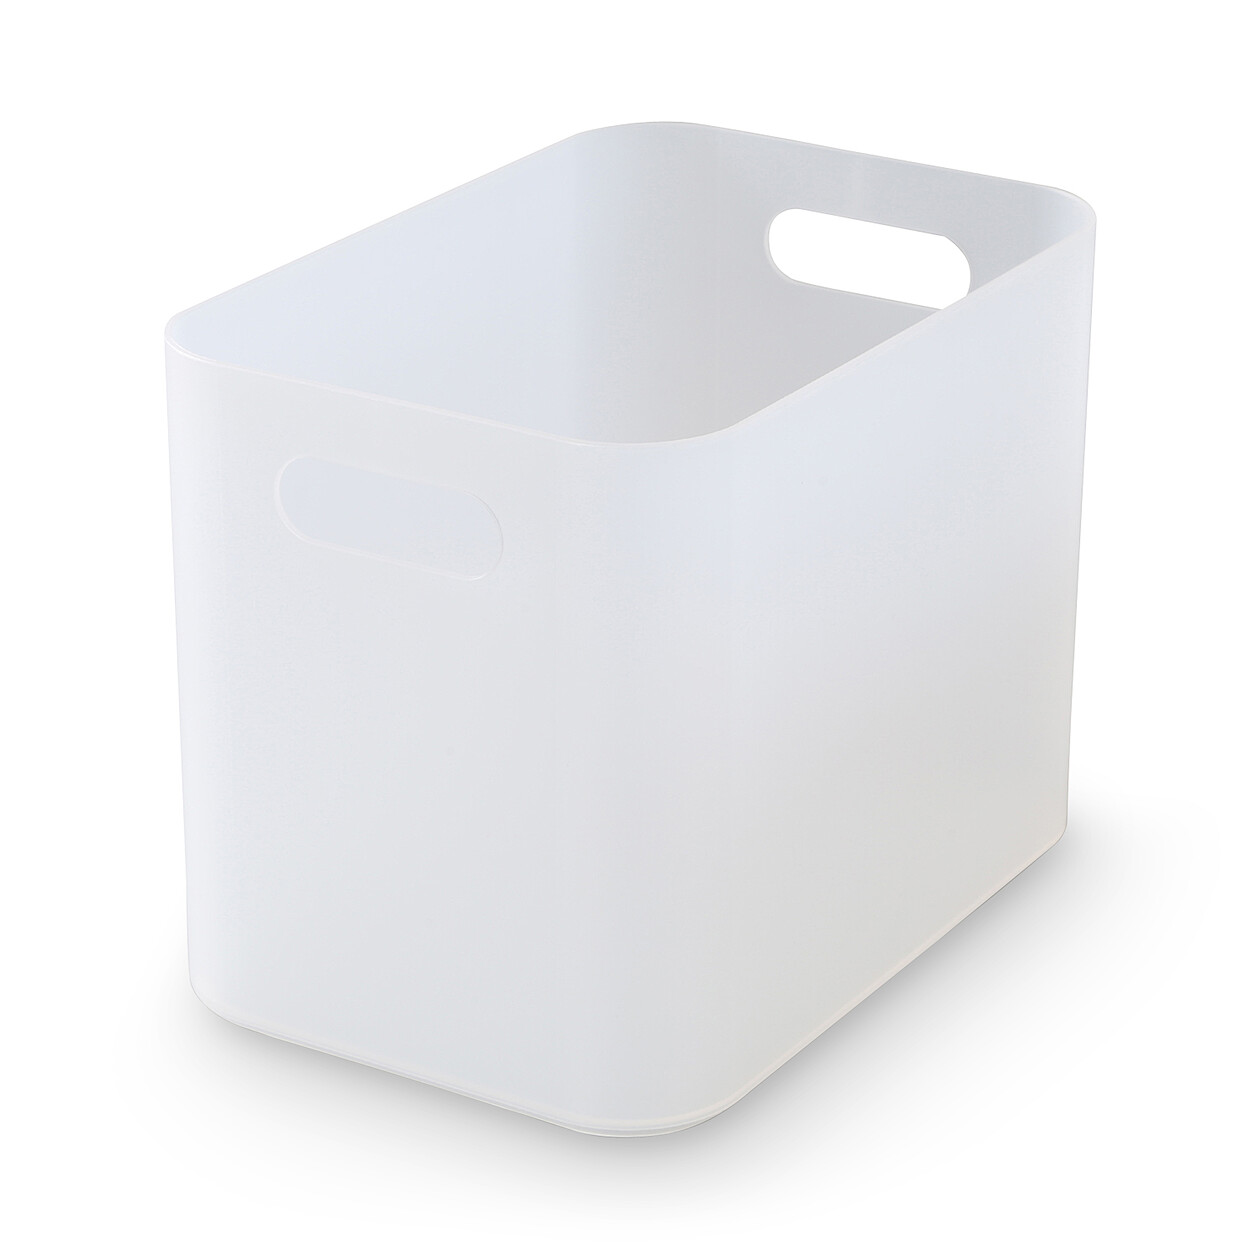 PP make box